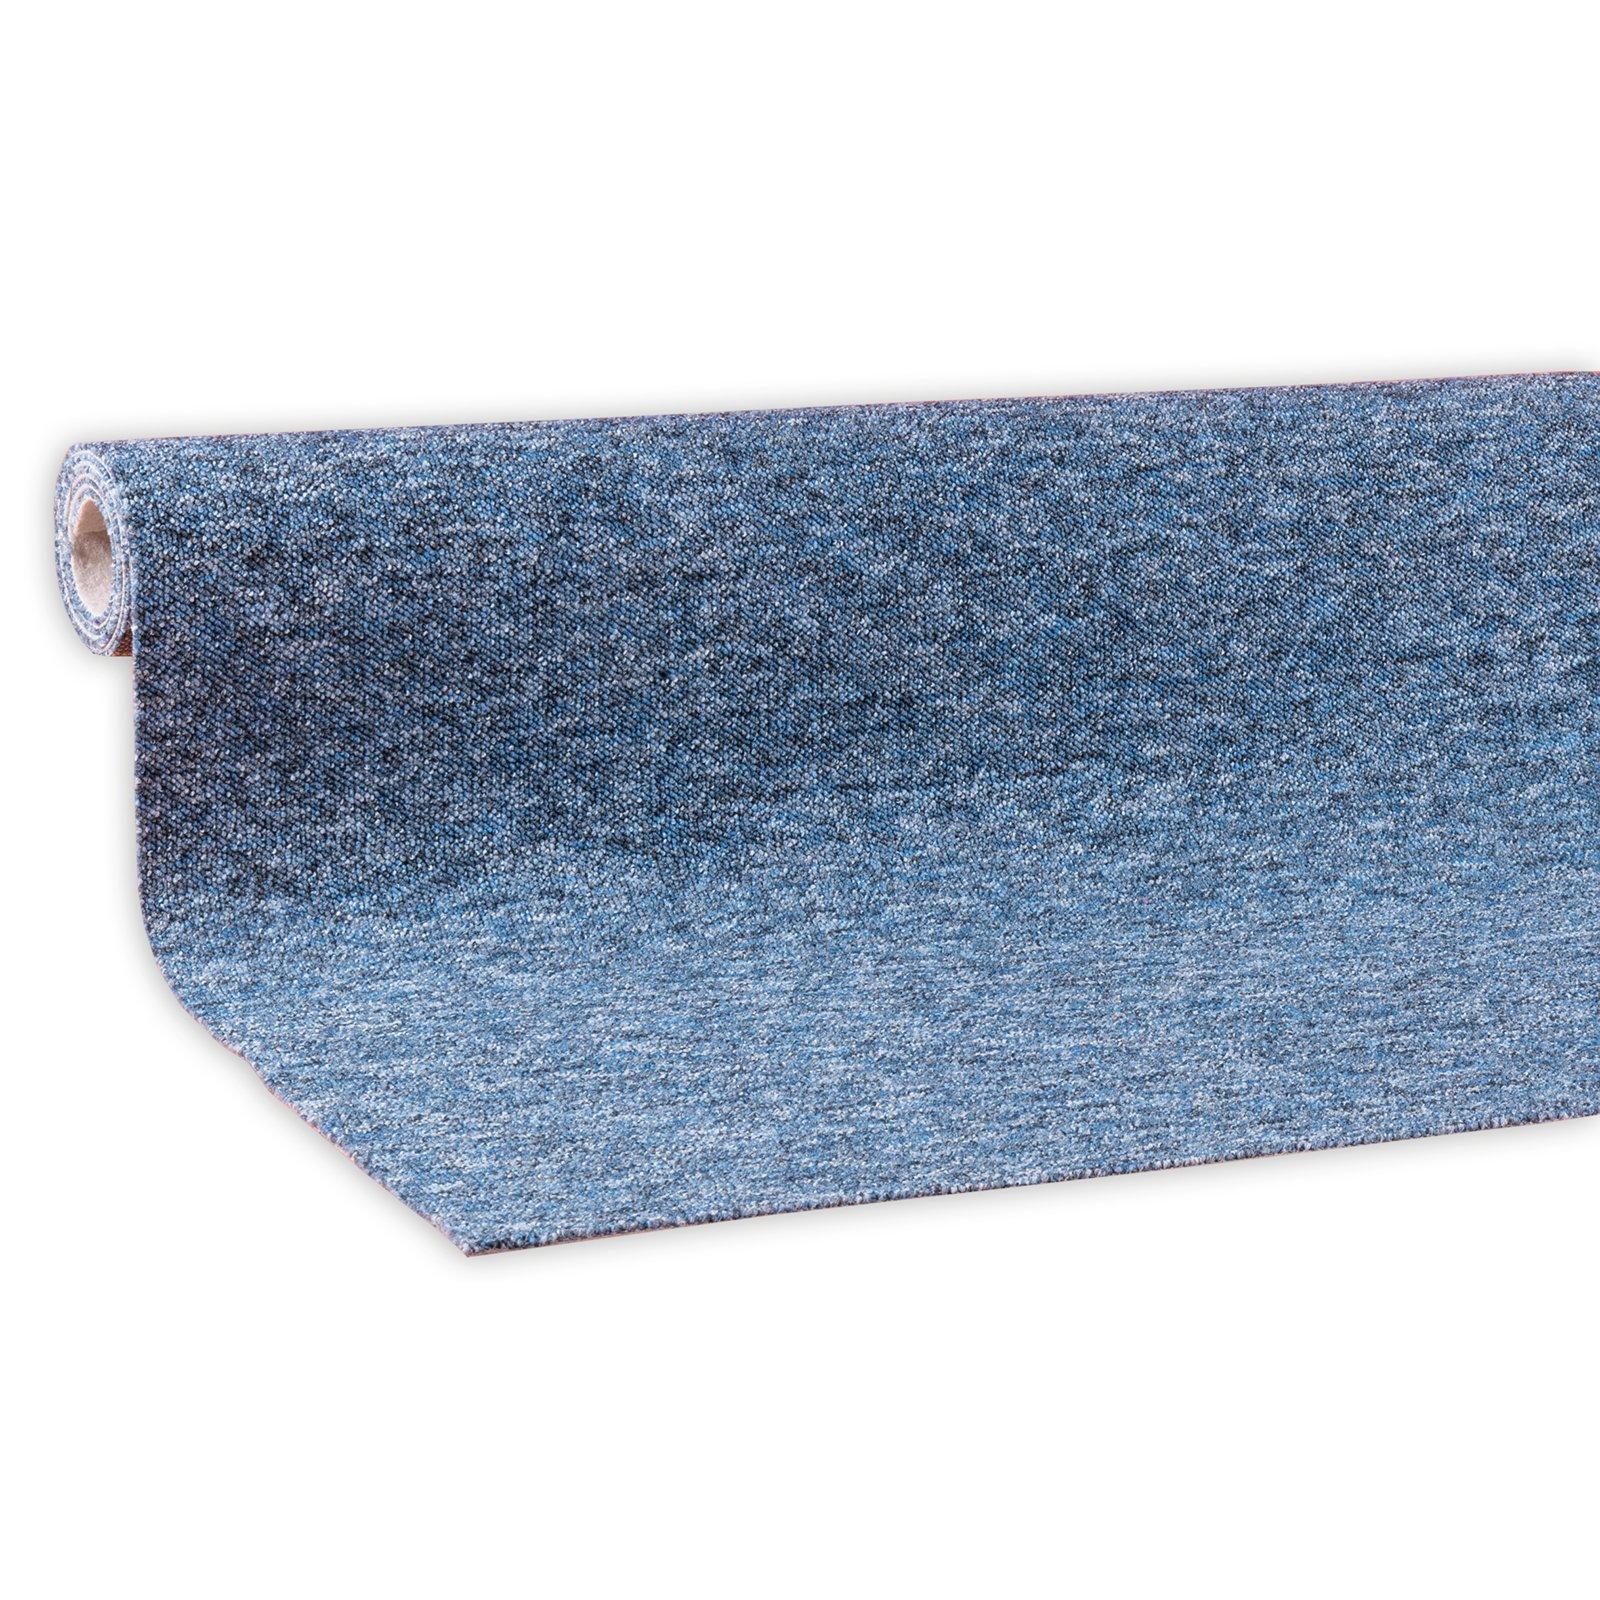 Teppichboden torgau blau 4 meter breit teppichboden for Kuchenzeile 4 meter breit